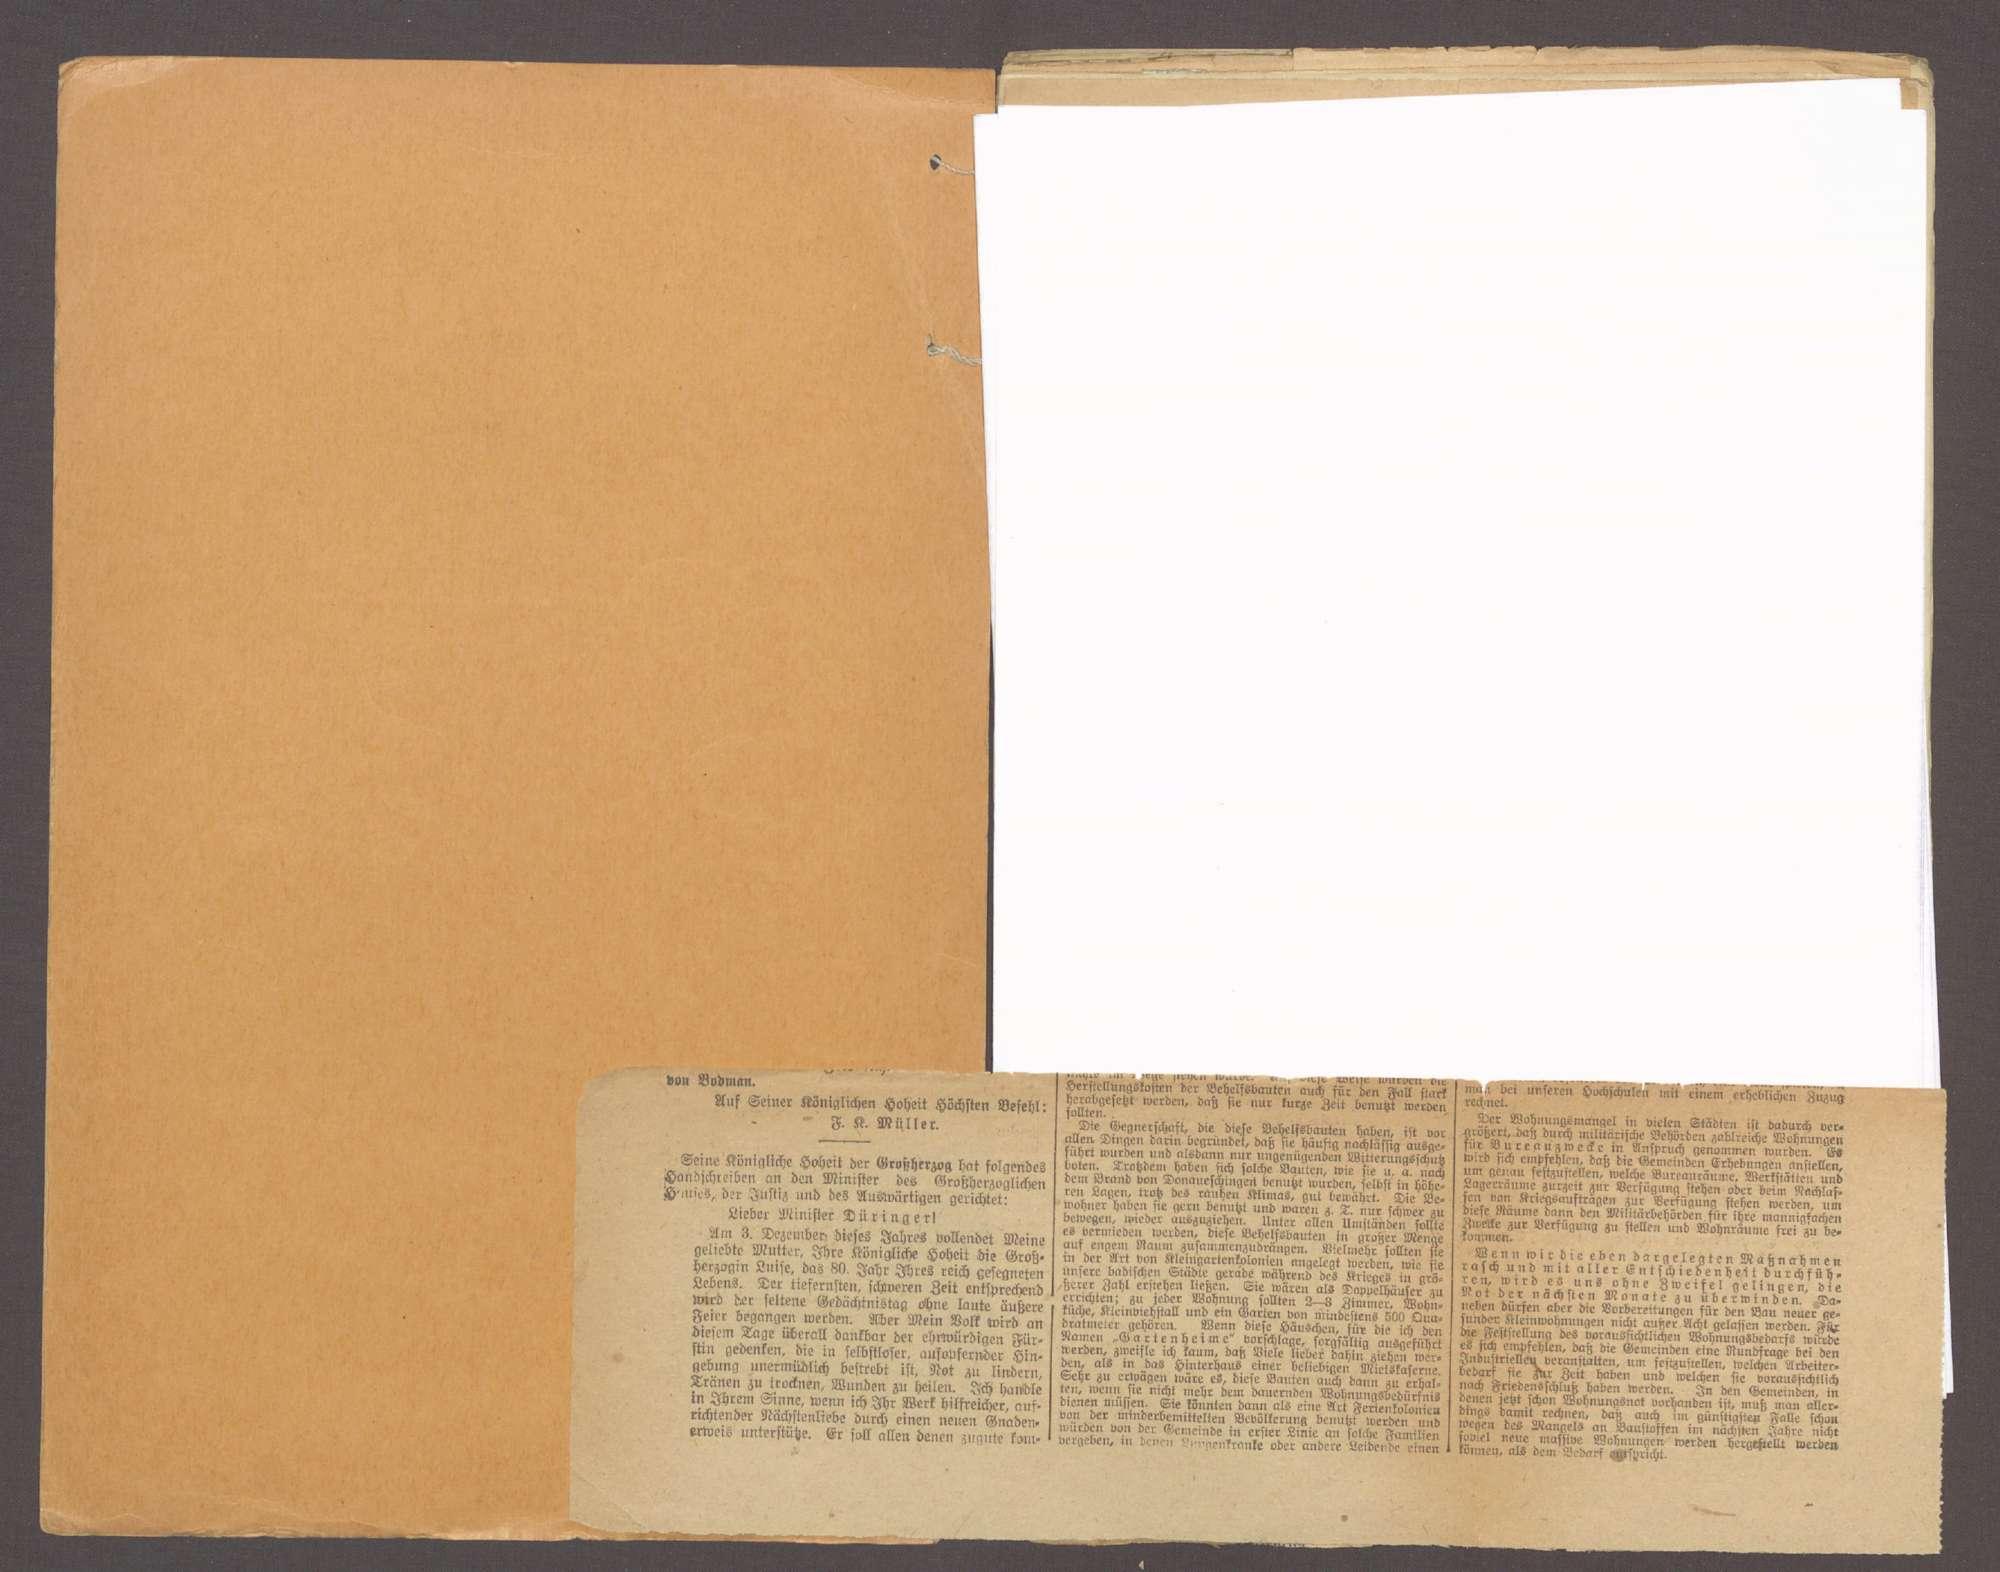 Der außerordentliche Landtag von 1918, der Umsturz in Baden und die verfassungsgebende Nationalversammlung, Bild 2